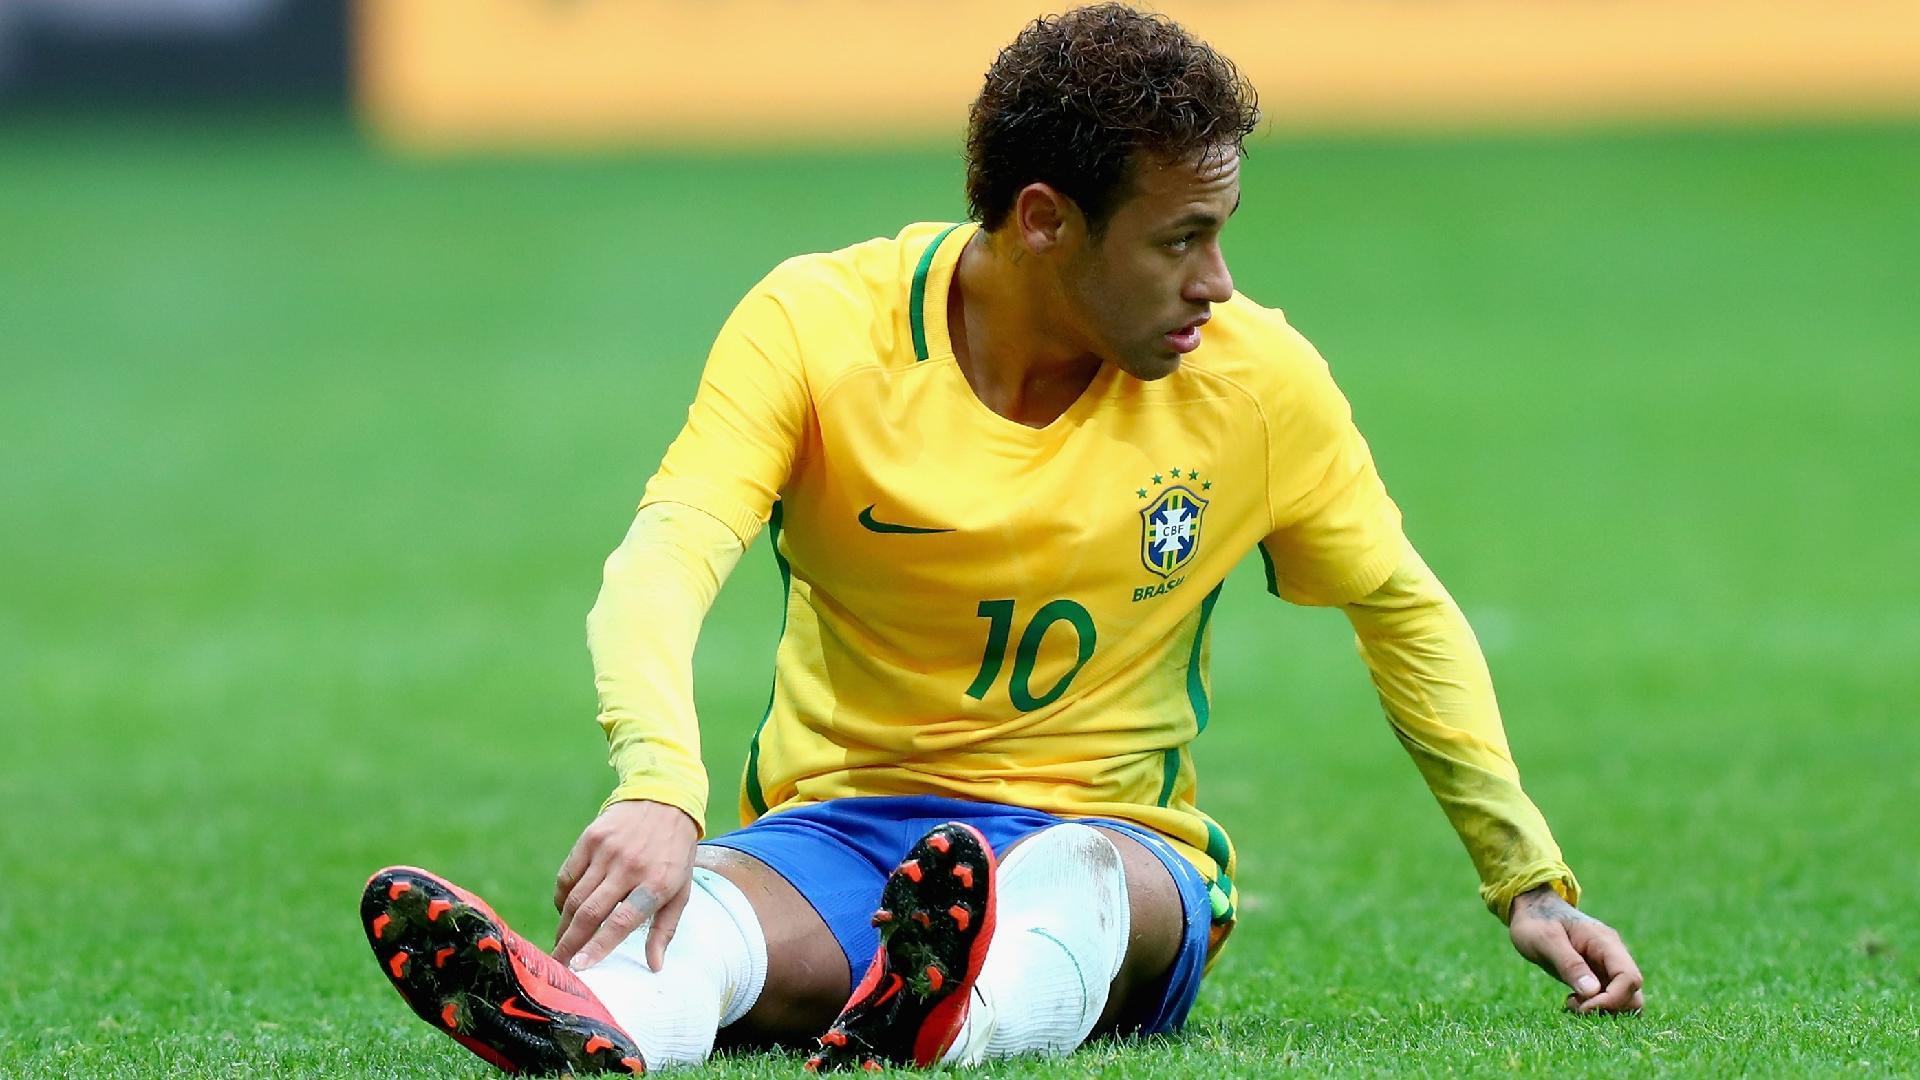 Neymar fica caído em jogo entre Brasil e Japão na França